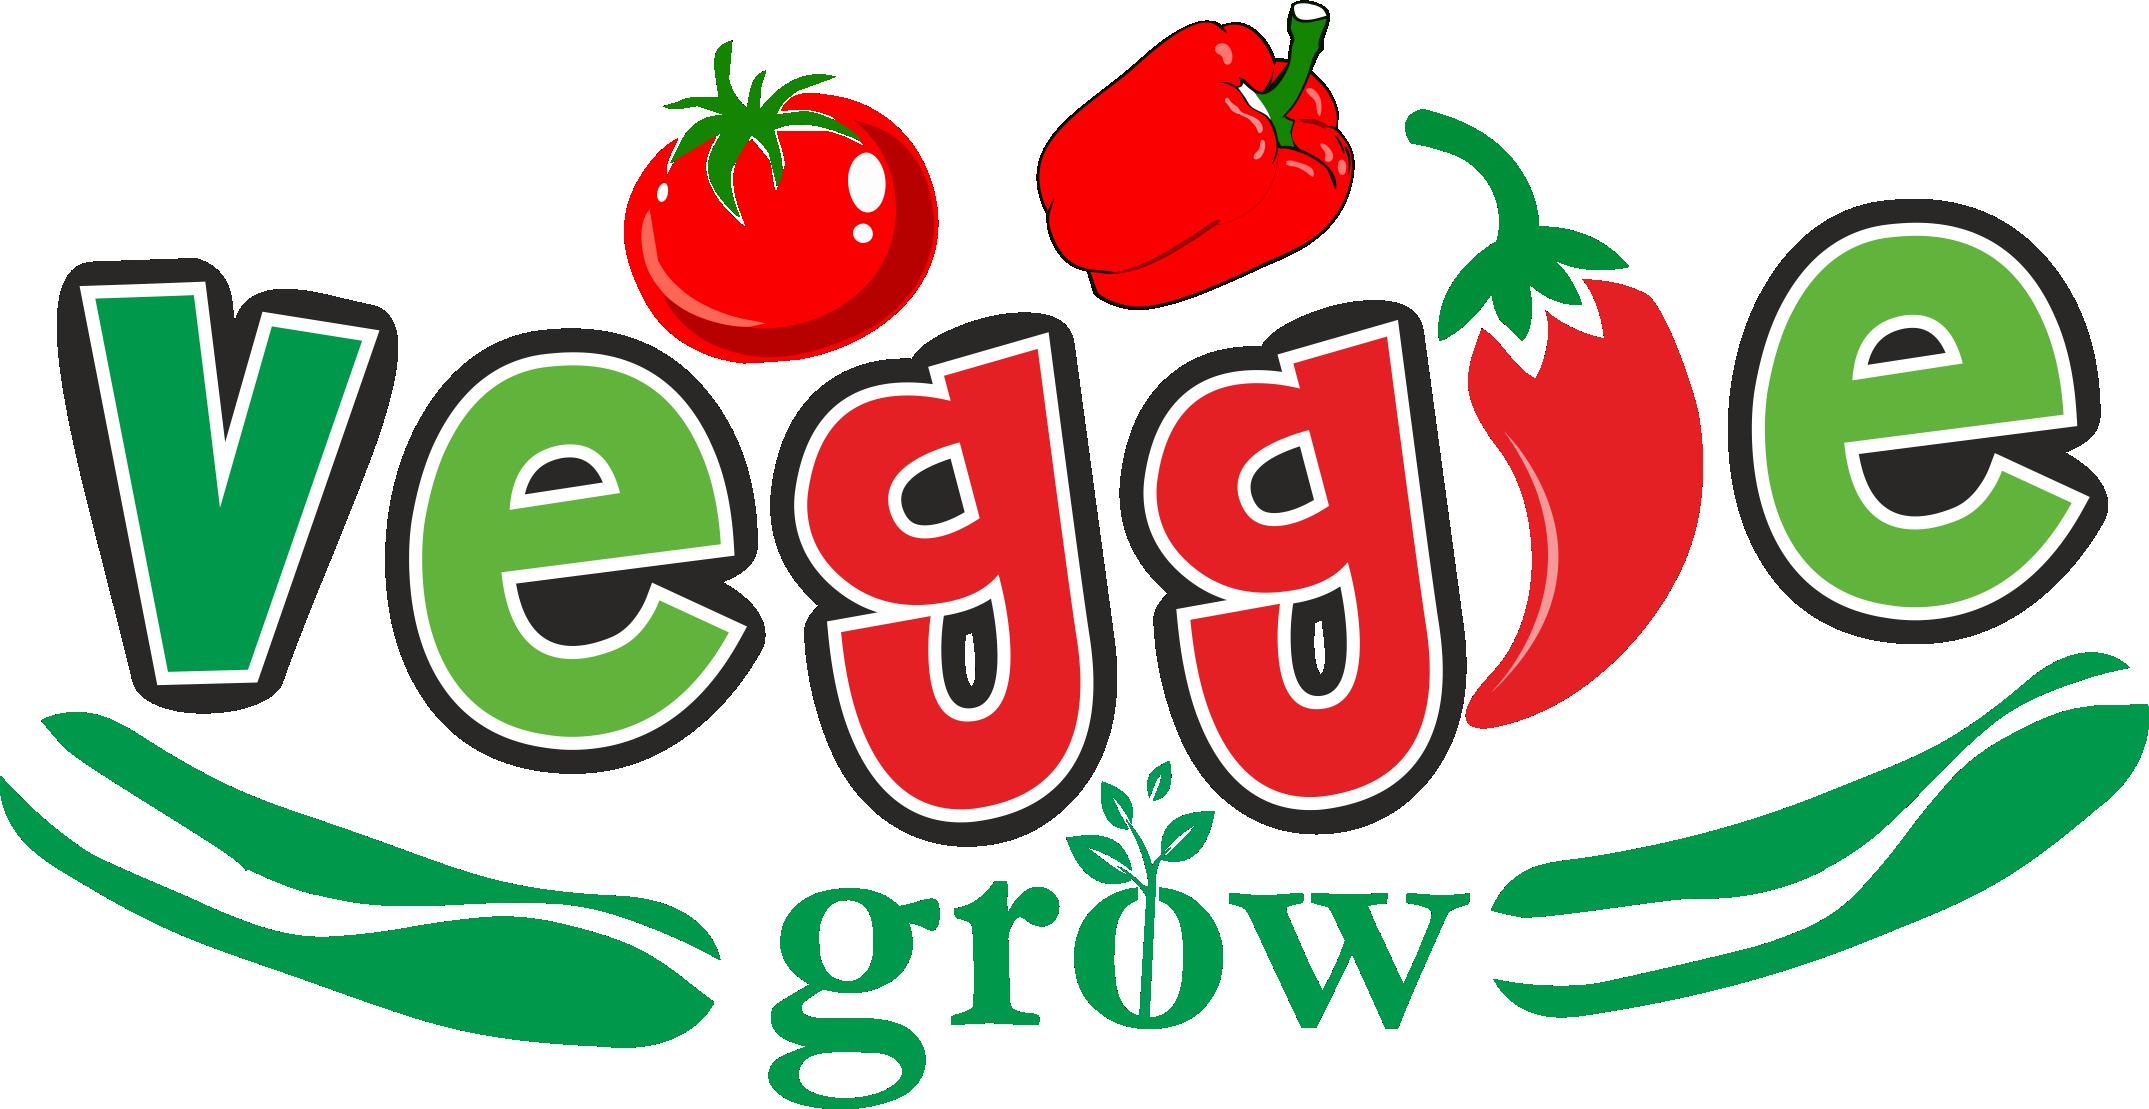 Veggie Grow